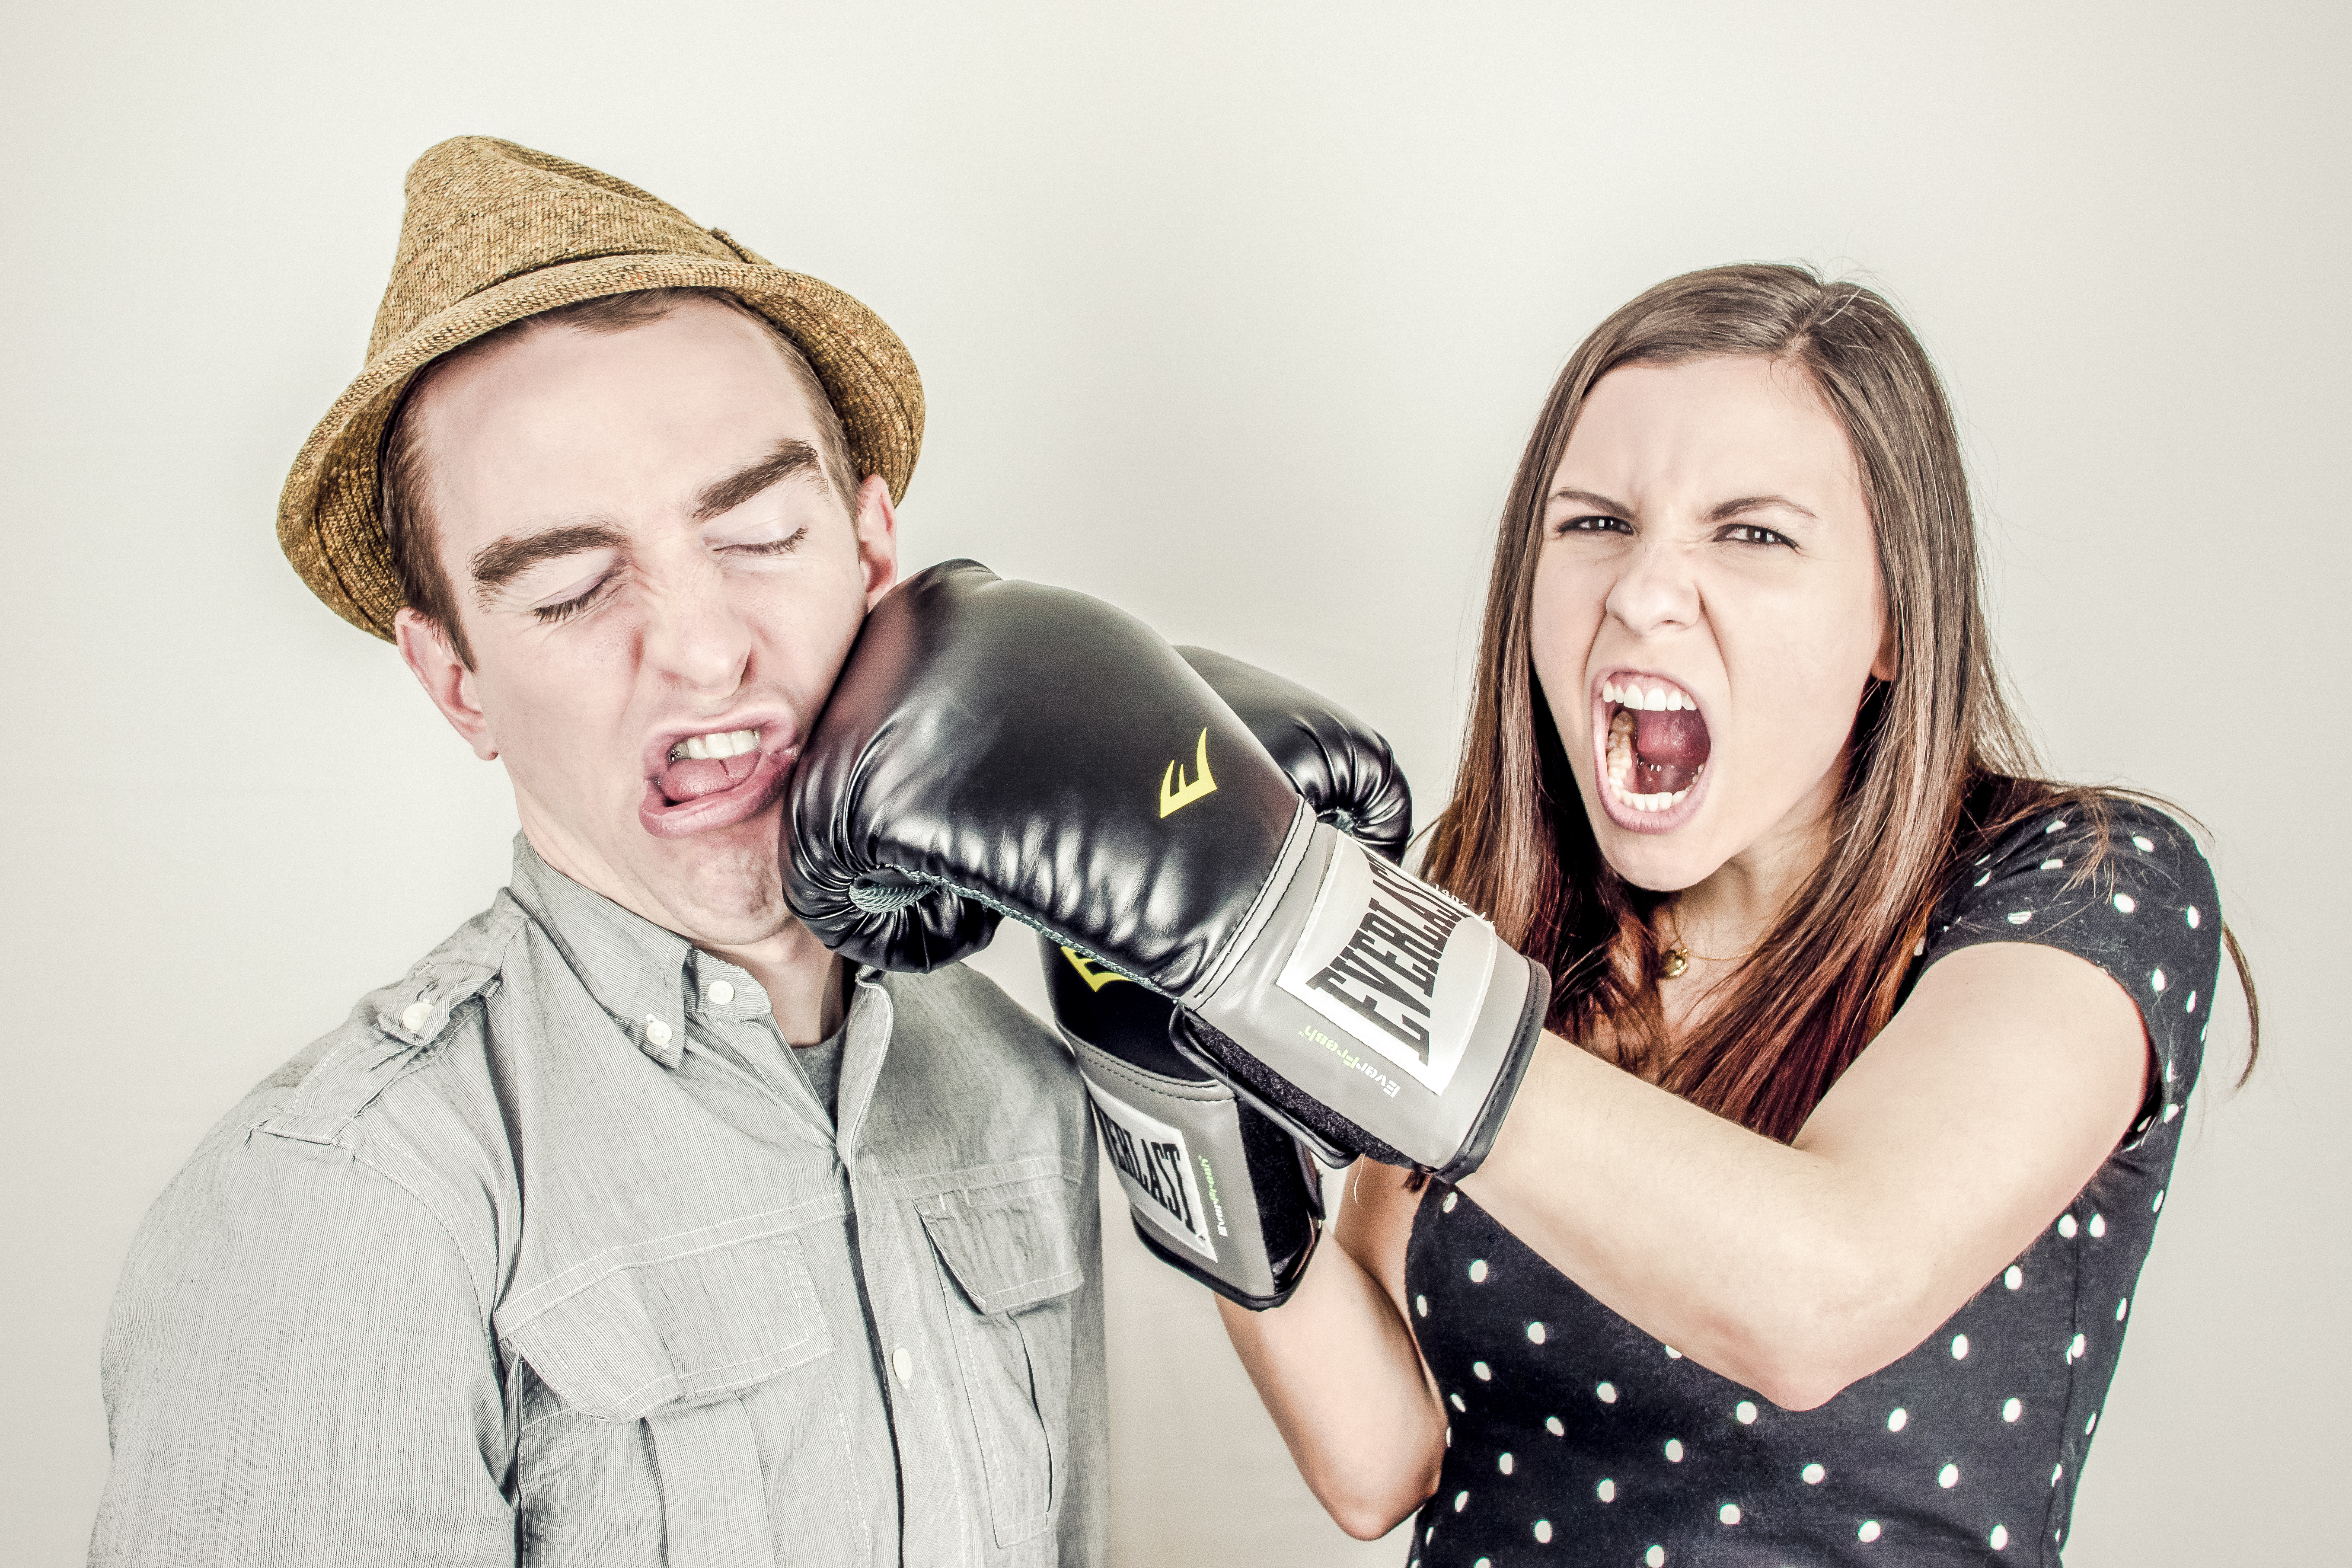 Хватит, довольно: мужские поступки, которые не стоит терпеть